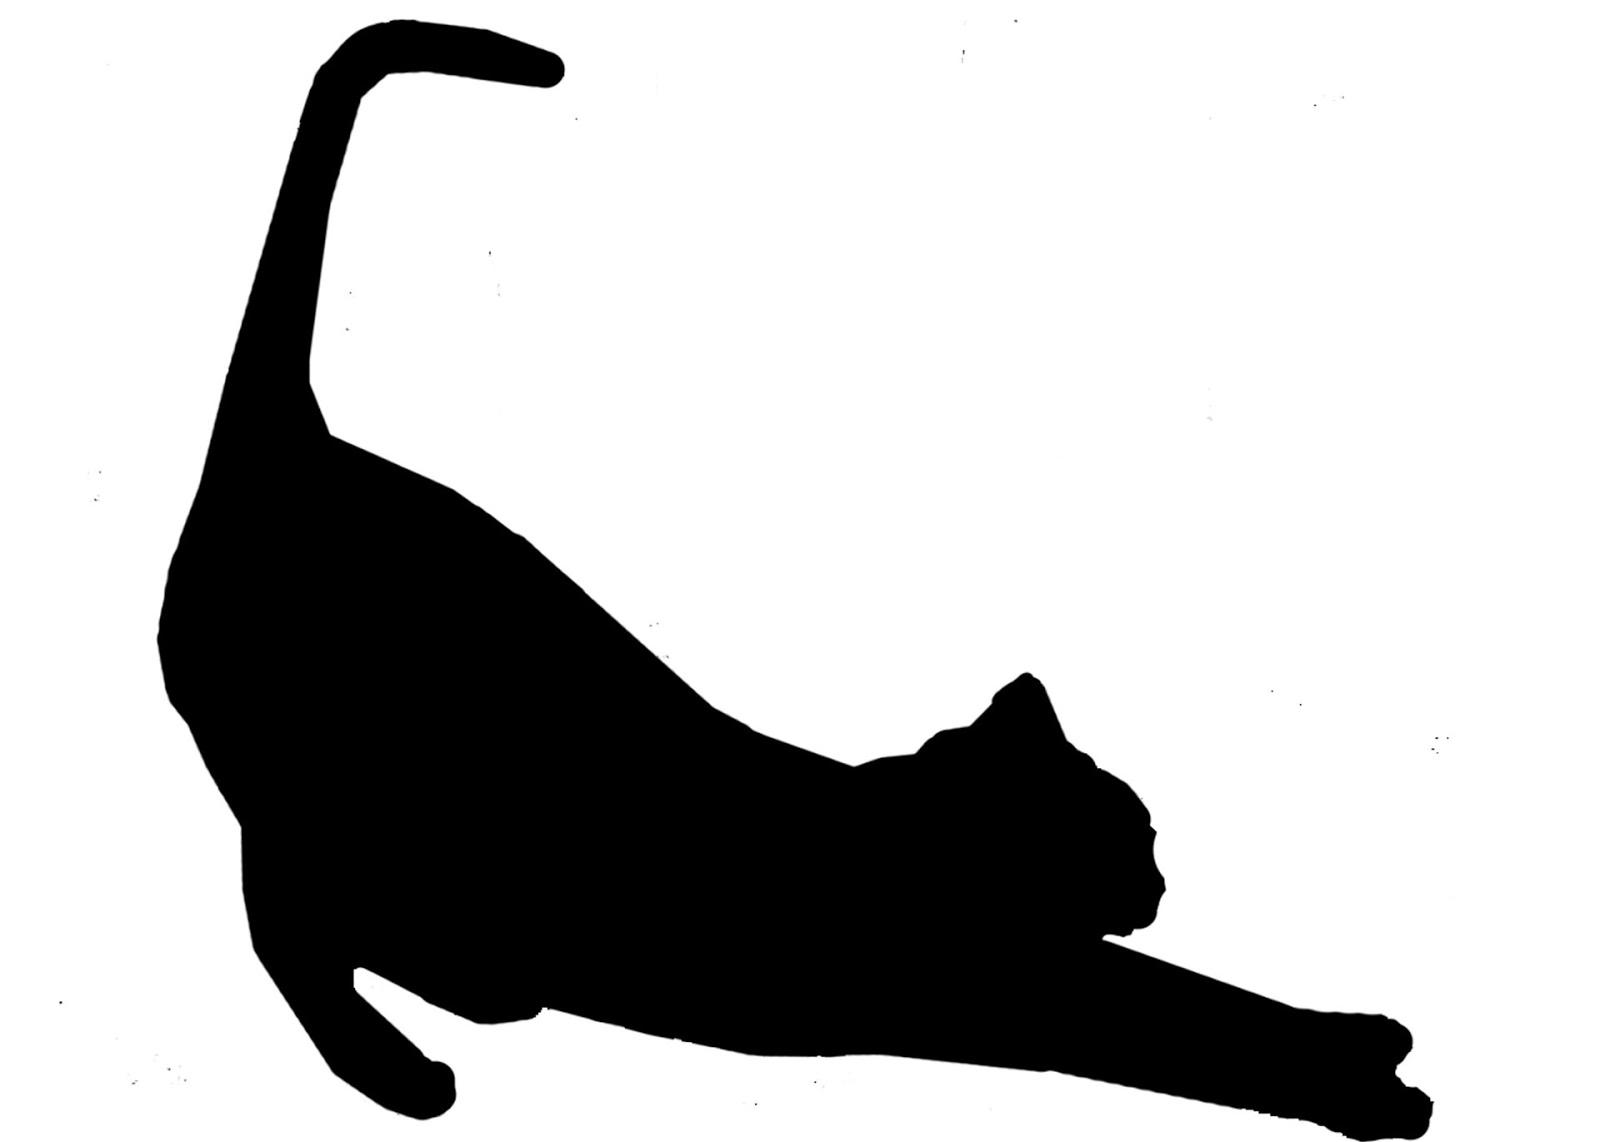 cat-stretch-silhouette-in-black